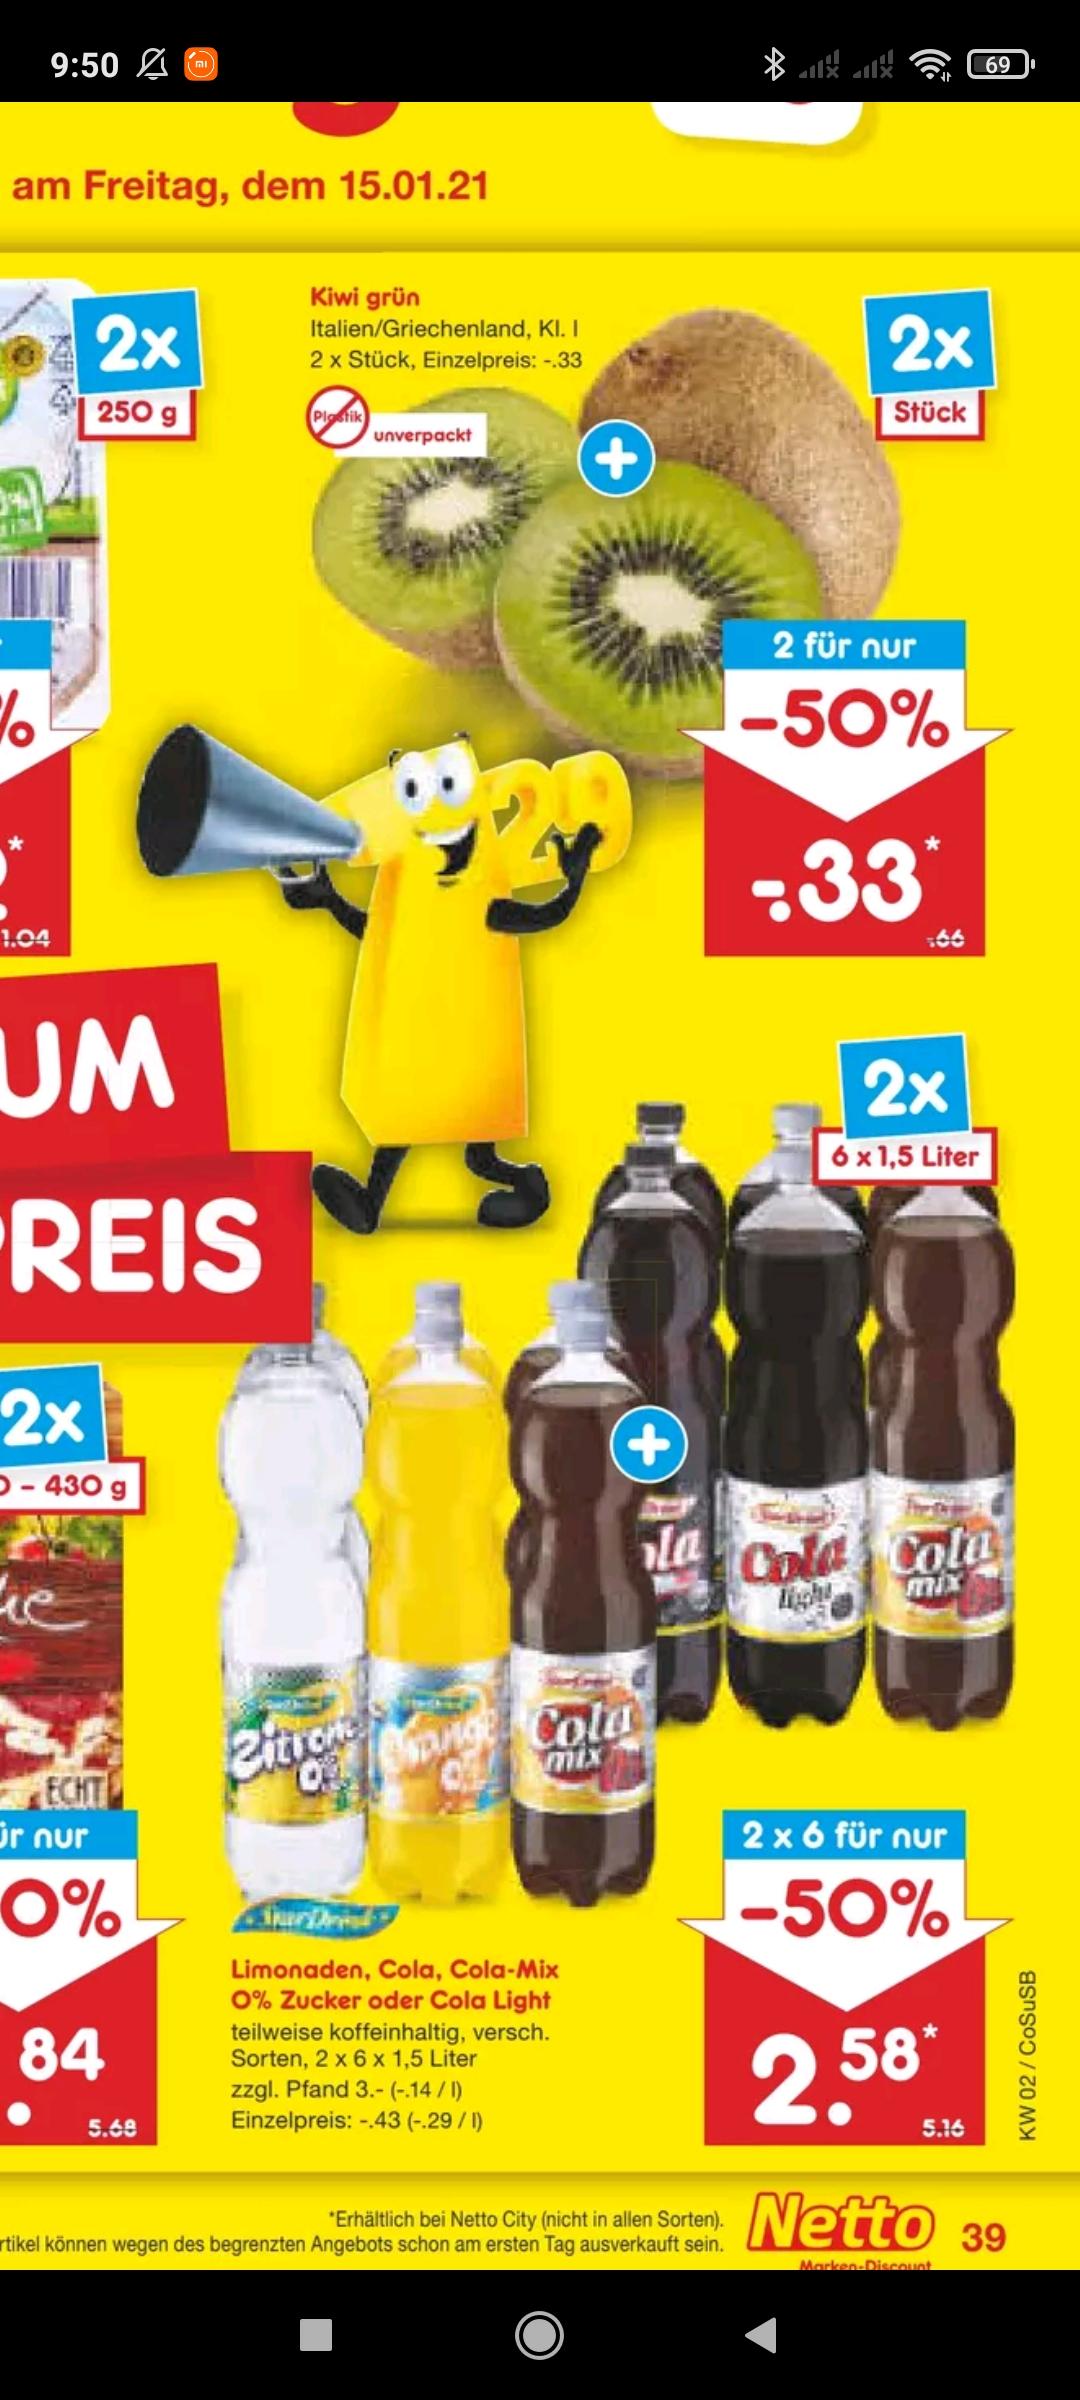 Netto: Star Drink 1,5l Flaschen Limonaden, Cola incl. Zero (12 Stück für 2,58€+Pfand) (0,22€ pro Flasche)